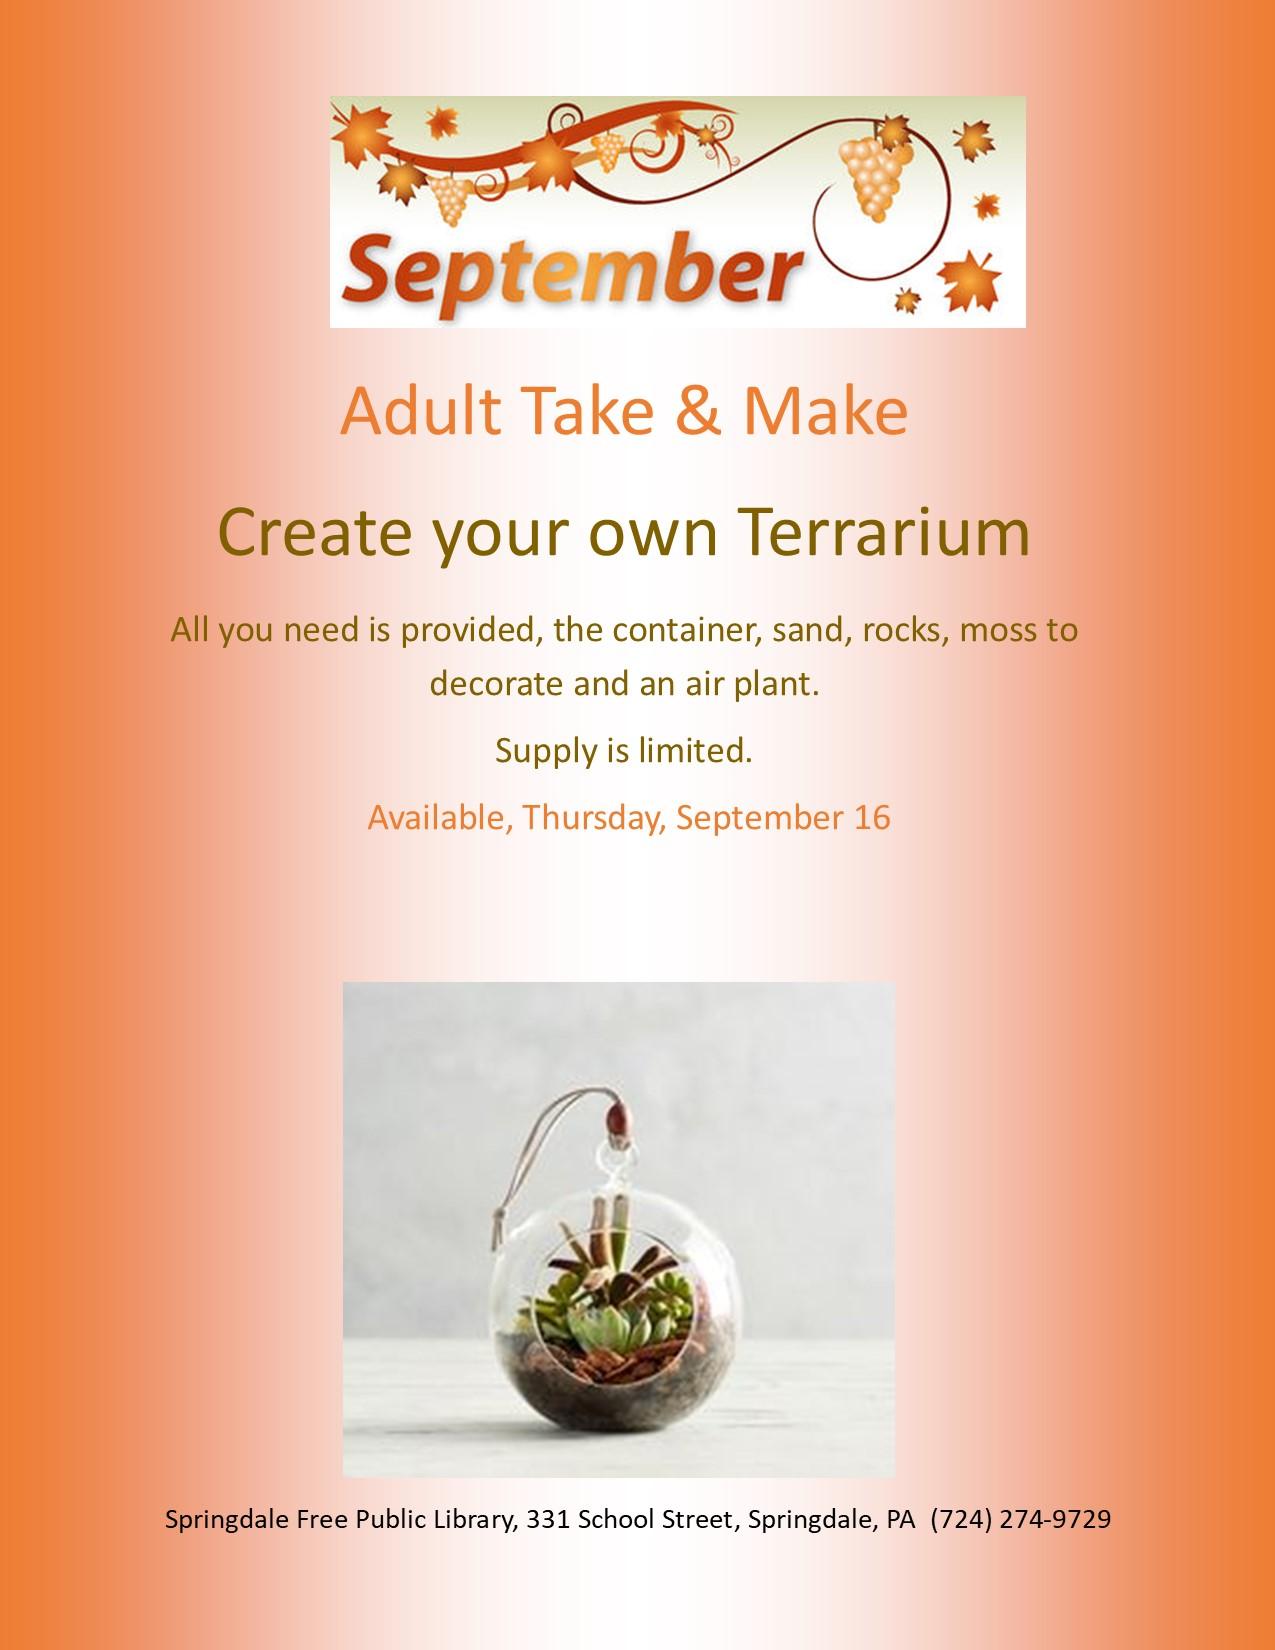 Adult Take & Make